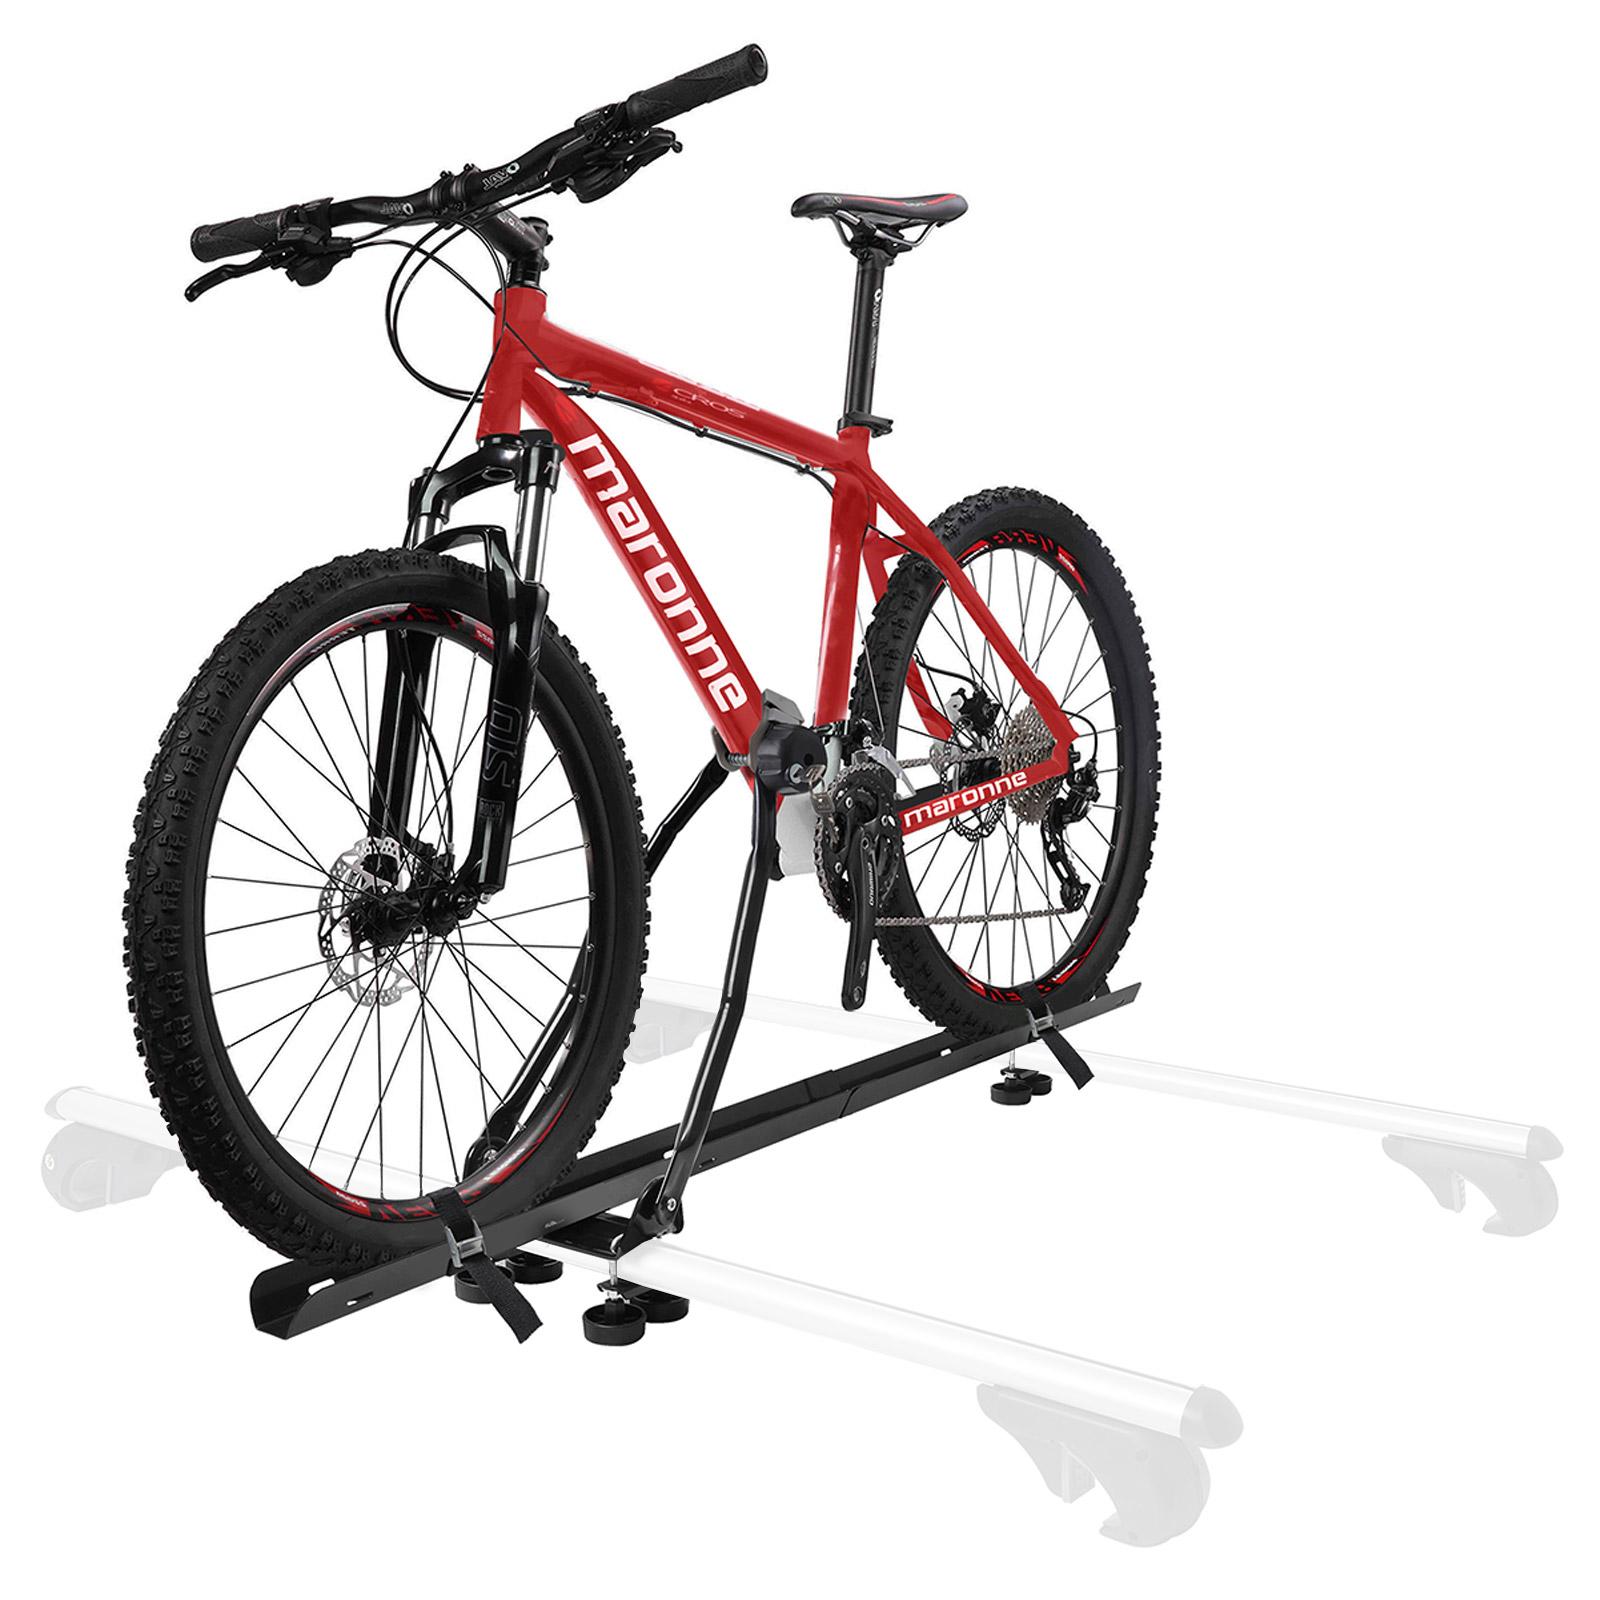 Fahrradträger Dachträger mit Rahmenbefestigung abschließbar inkl Befestigung